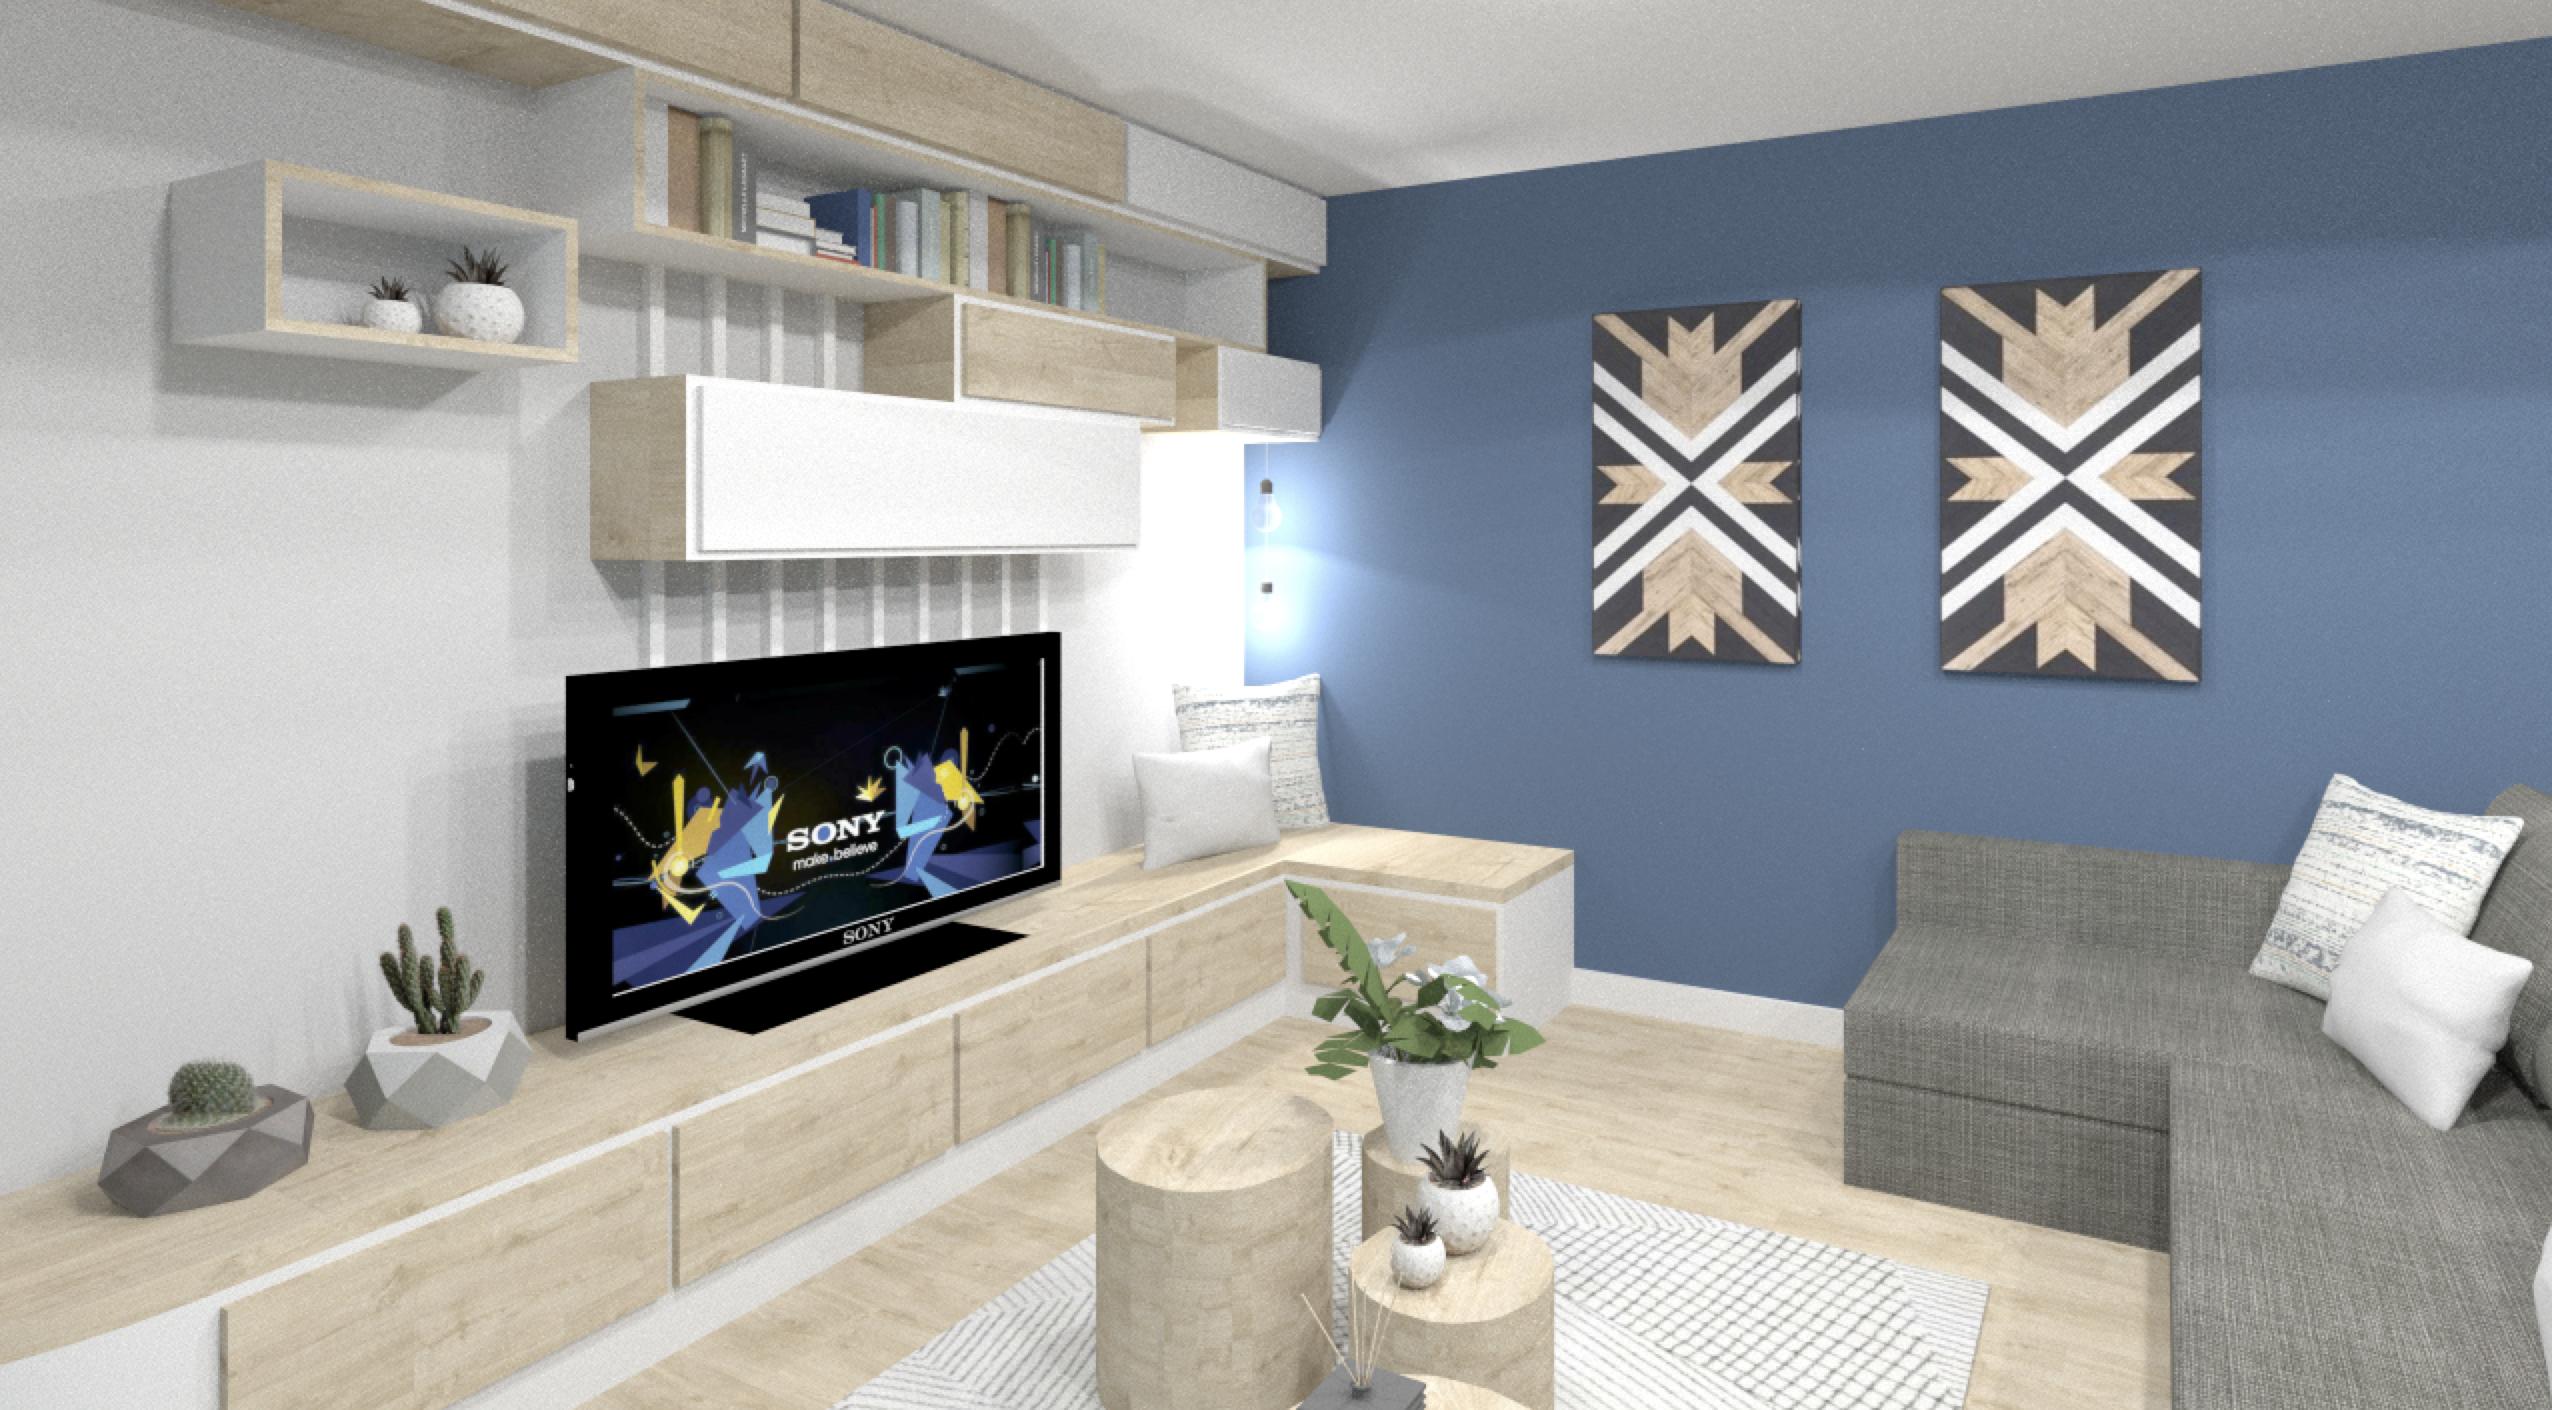 tiffany fayolle architecte d 39 int rieur d corateur lyon. Black Bedroom Furniture Sets. Home Design Ideas